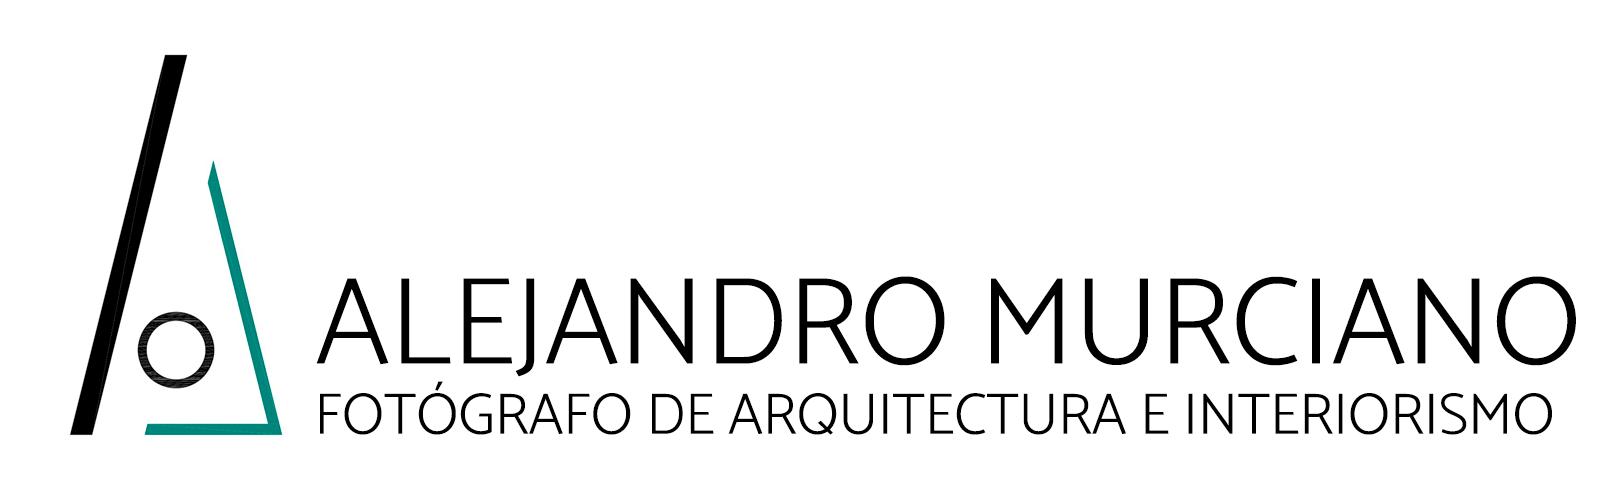 Alejandro Murciano